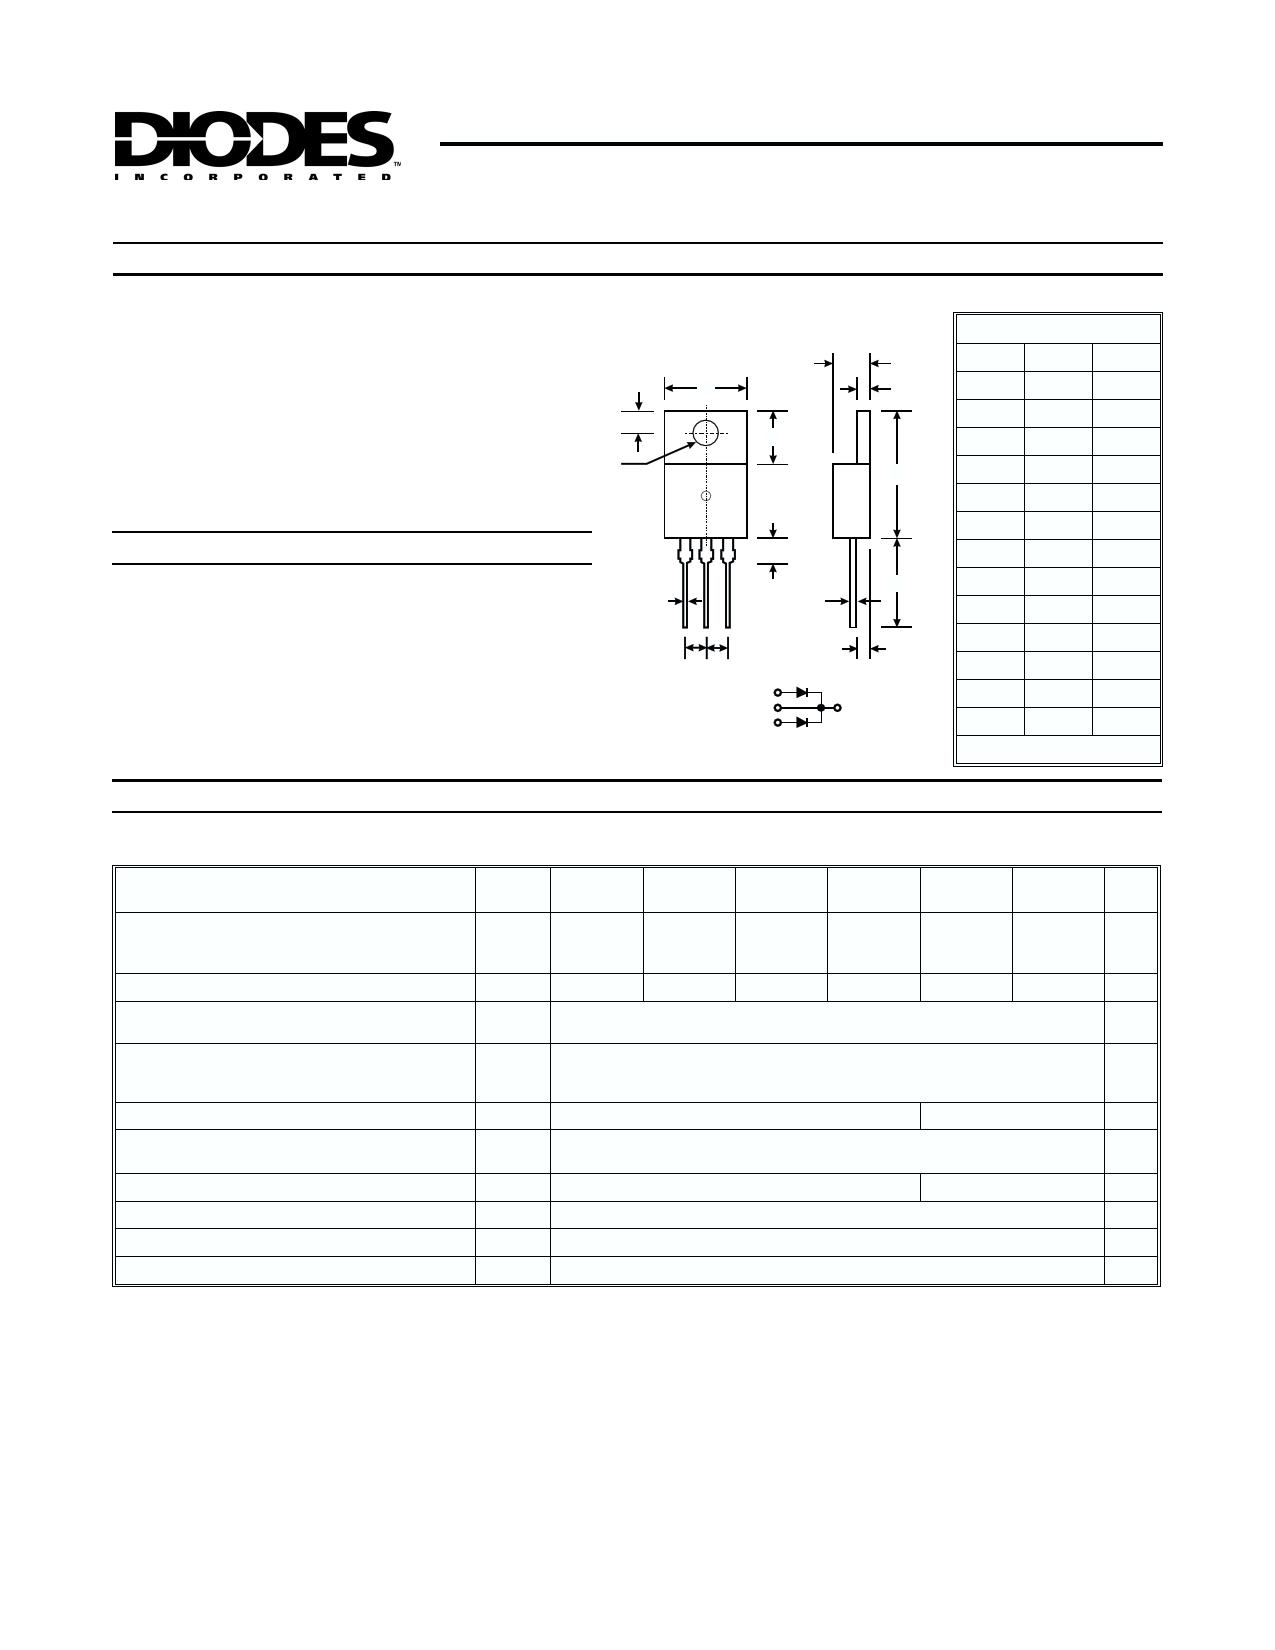 STPRF1620CT Datasheet